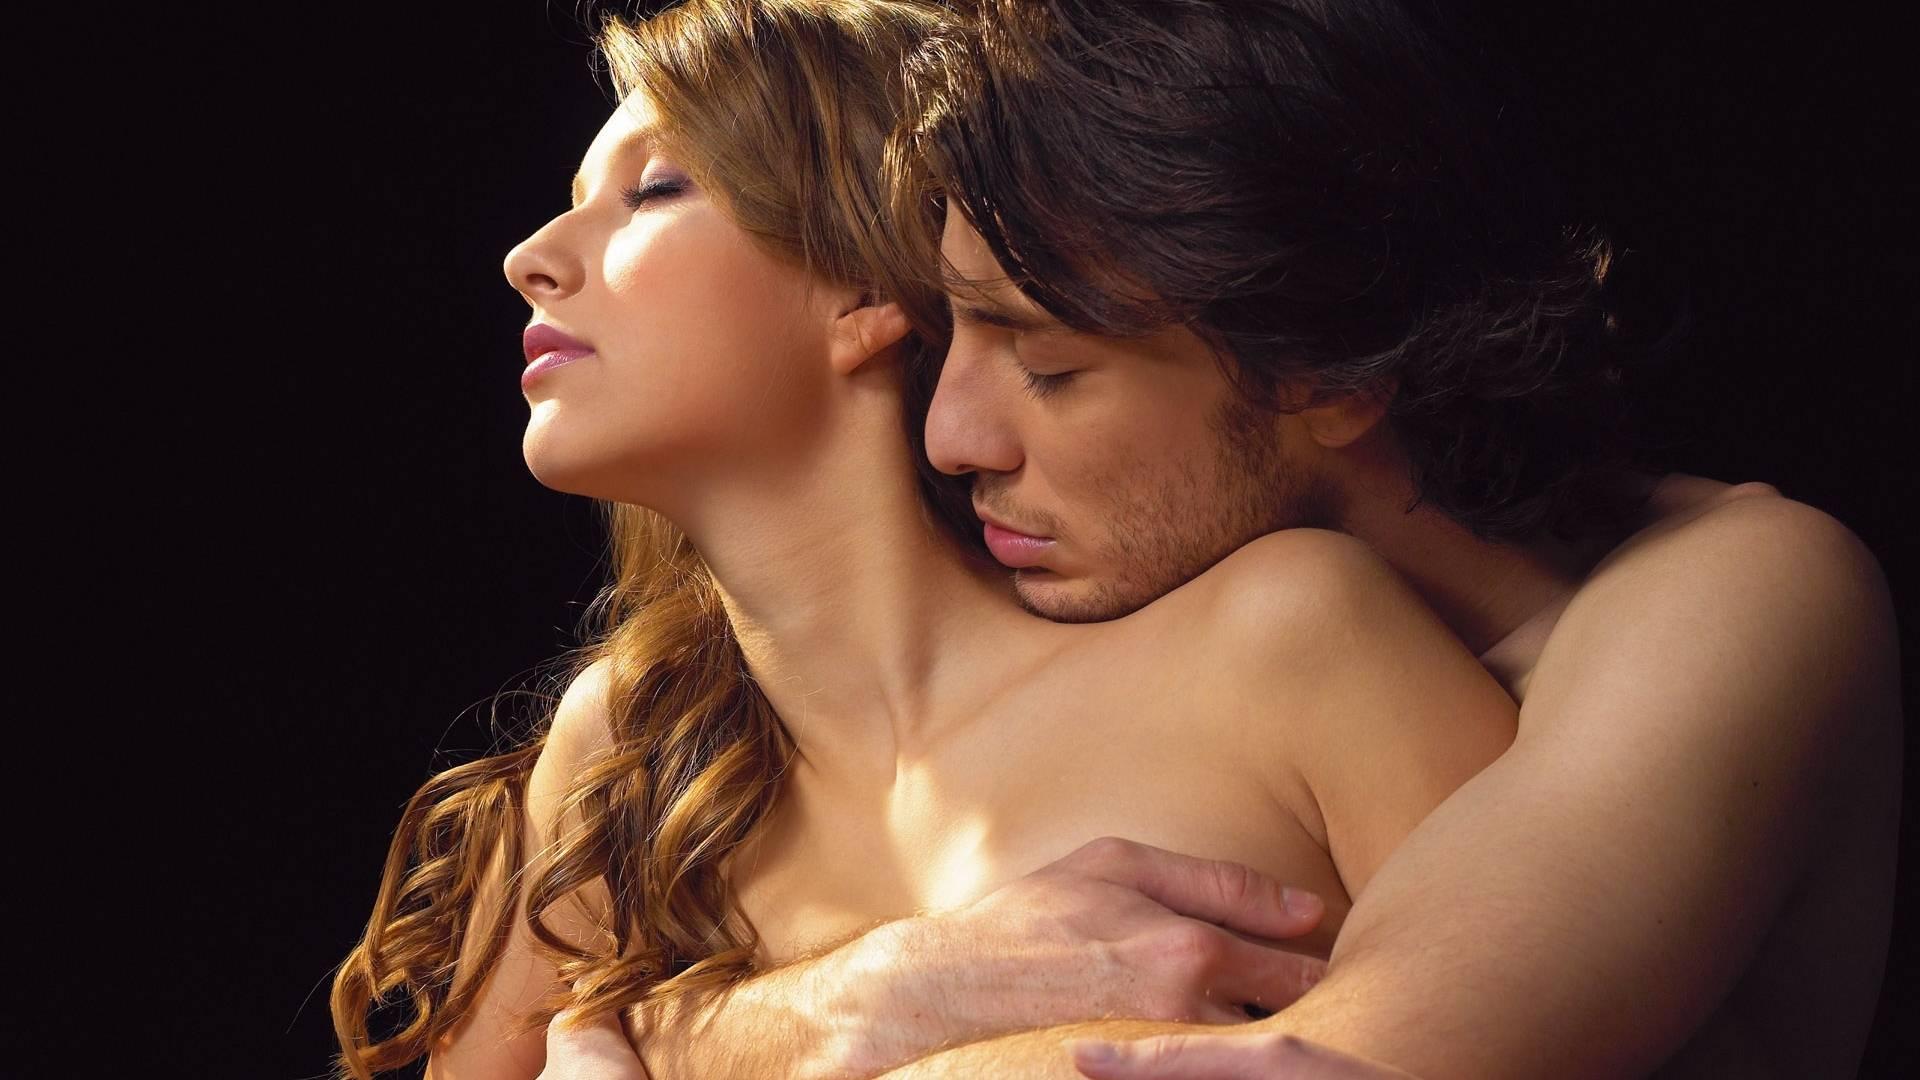 Идеальная любовная колода для анализа отношений между мужчиной и женщиной